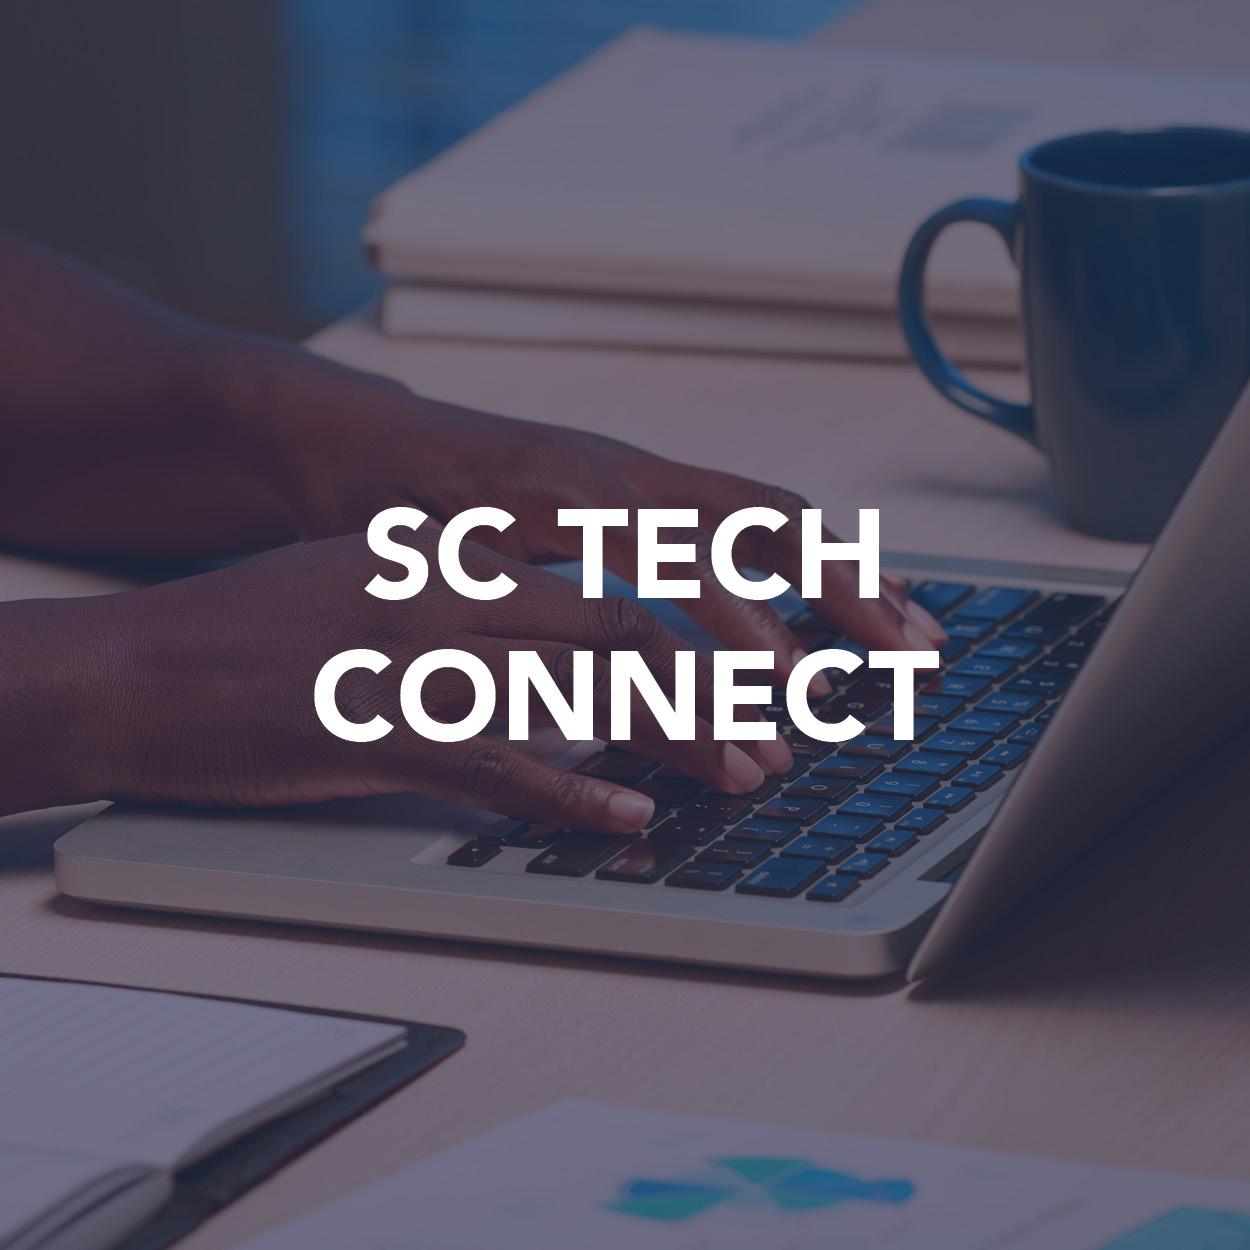 SC Tech Connect